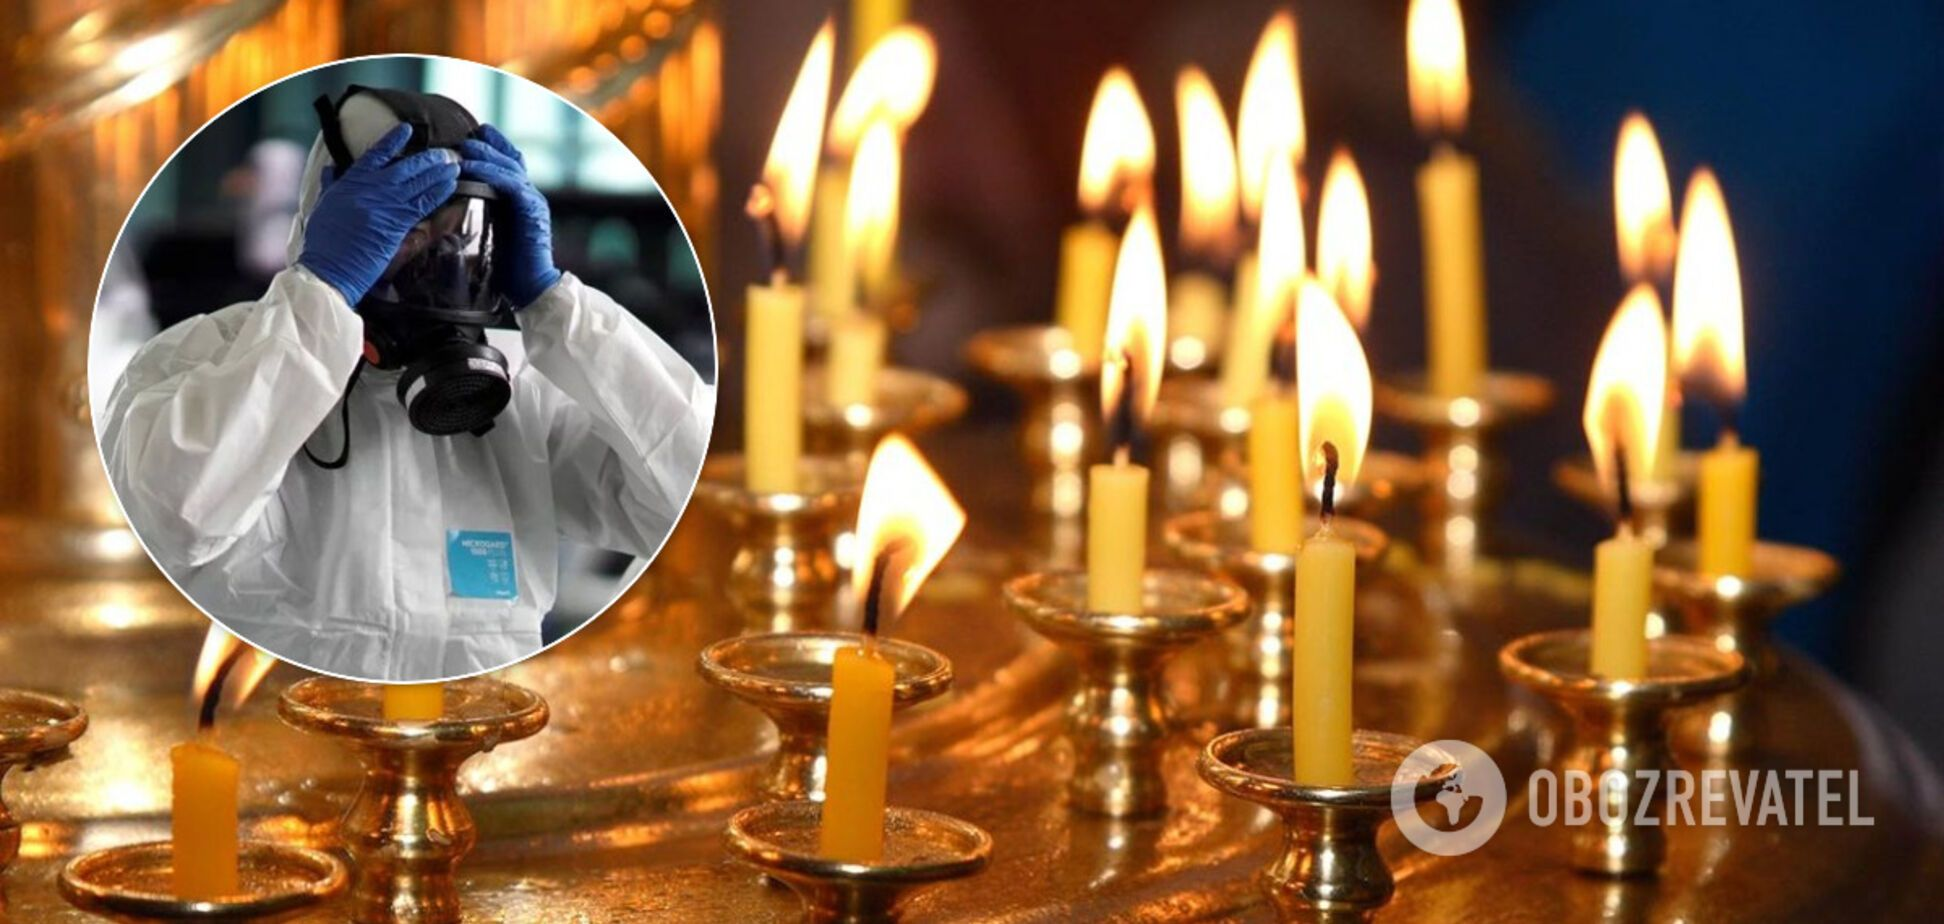 Благовещение и Вербное воскресенье: в ПЦУ рассказали о новых правилах празднования